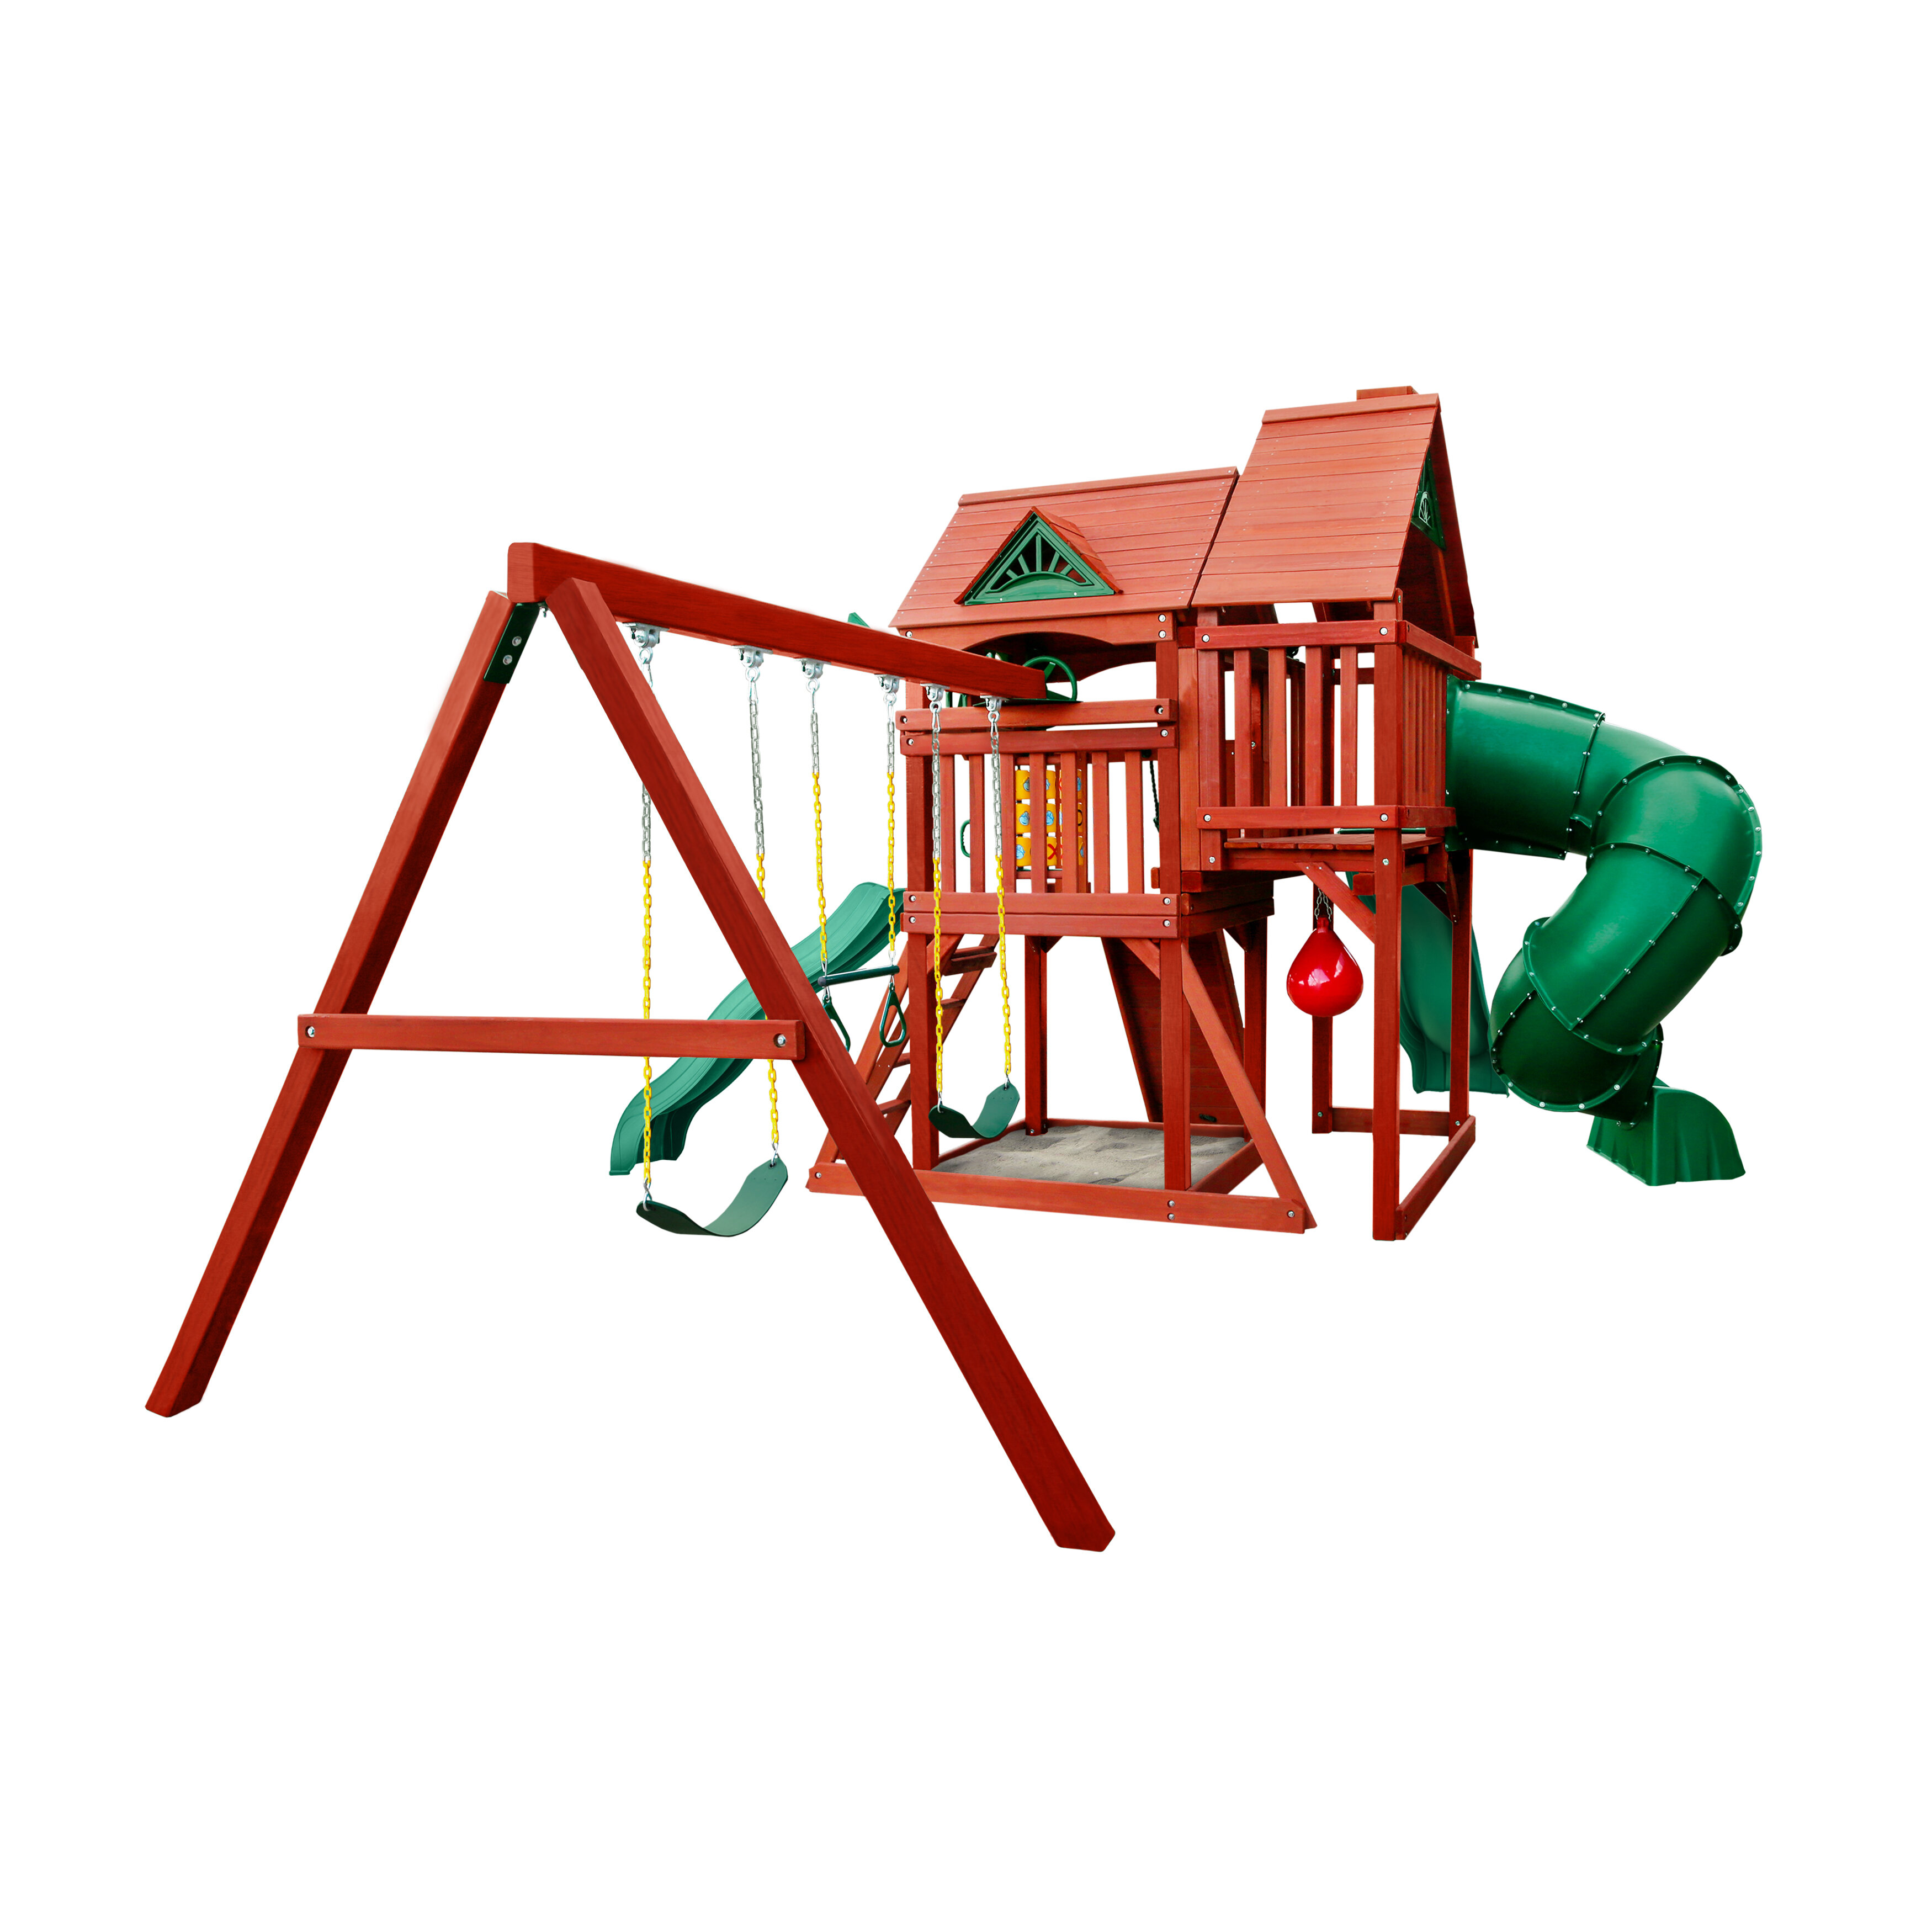 Gorilla Playsets Five Star Ii Deluxe Cedar Swing Set Wayfair